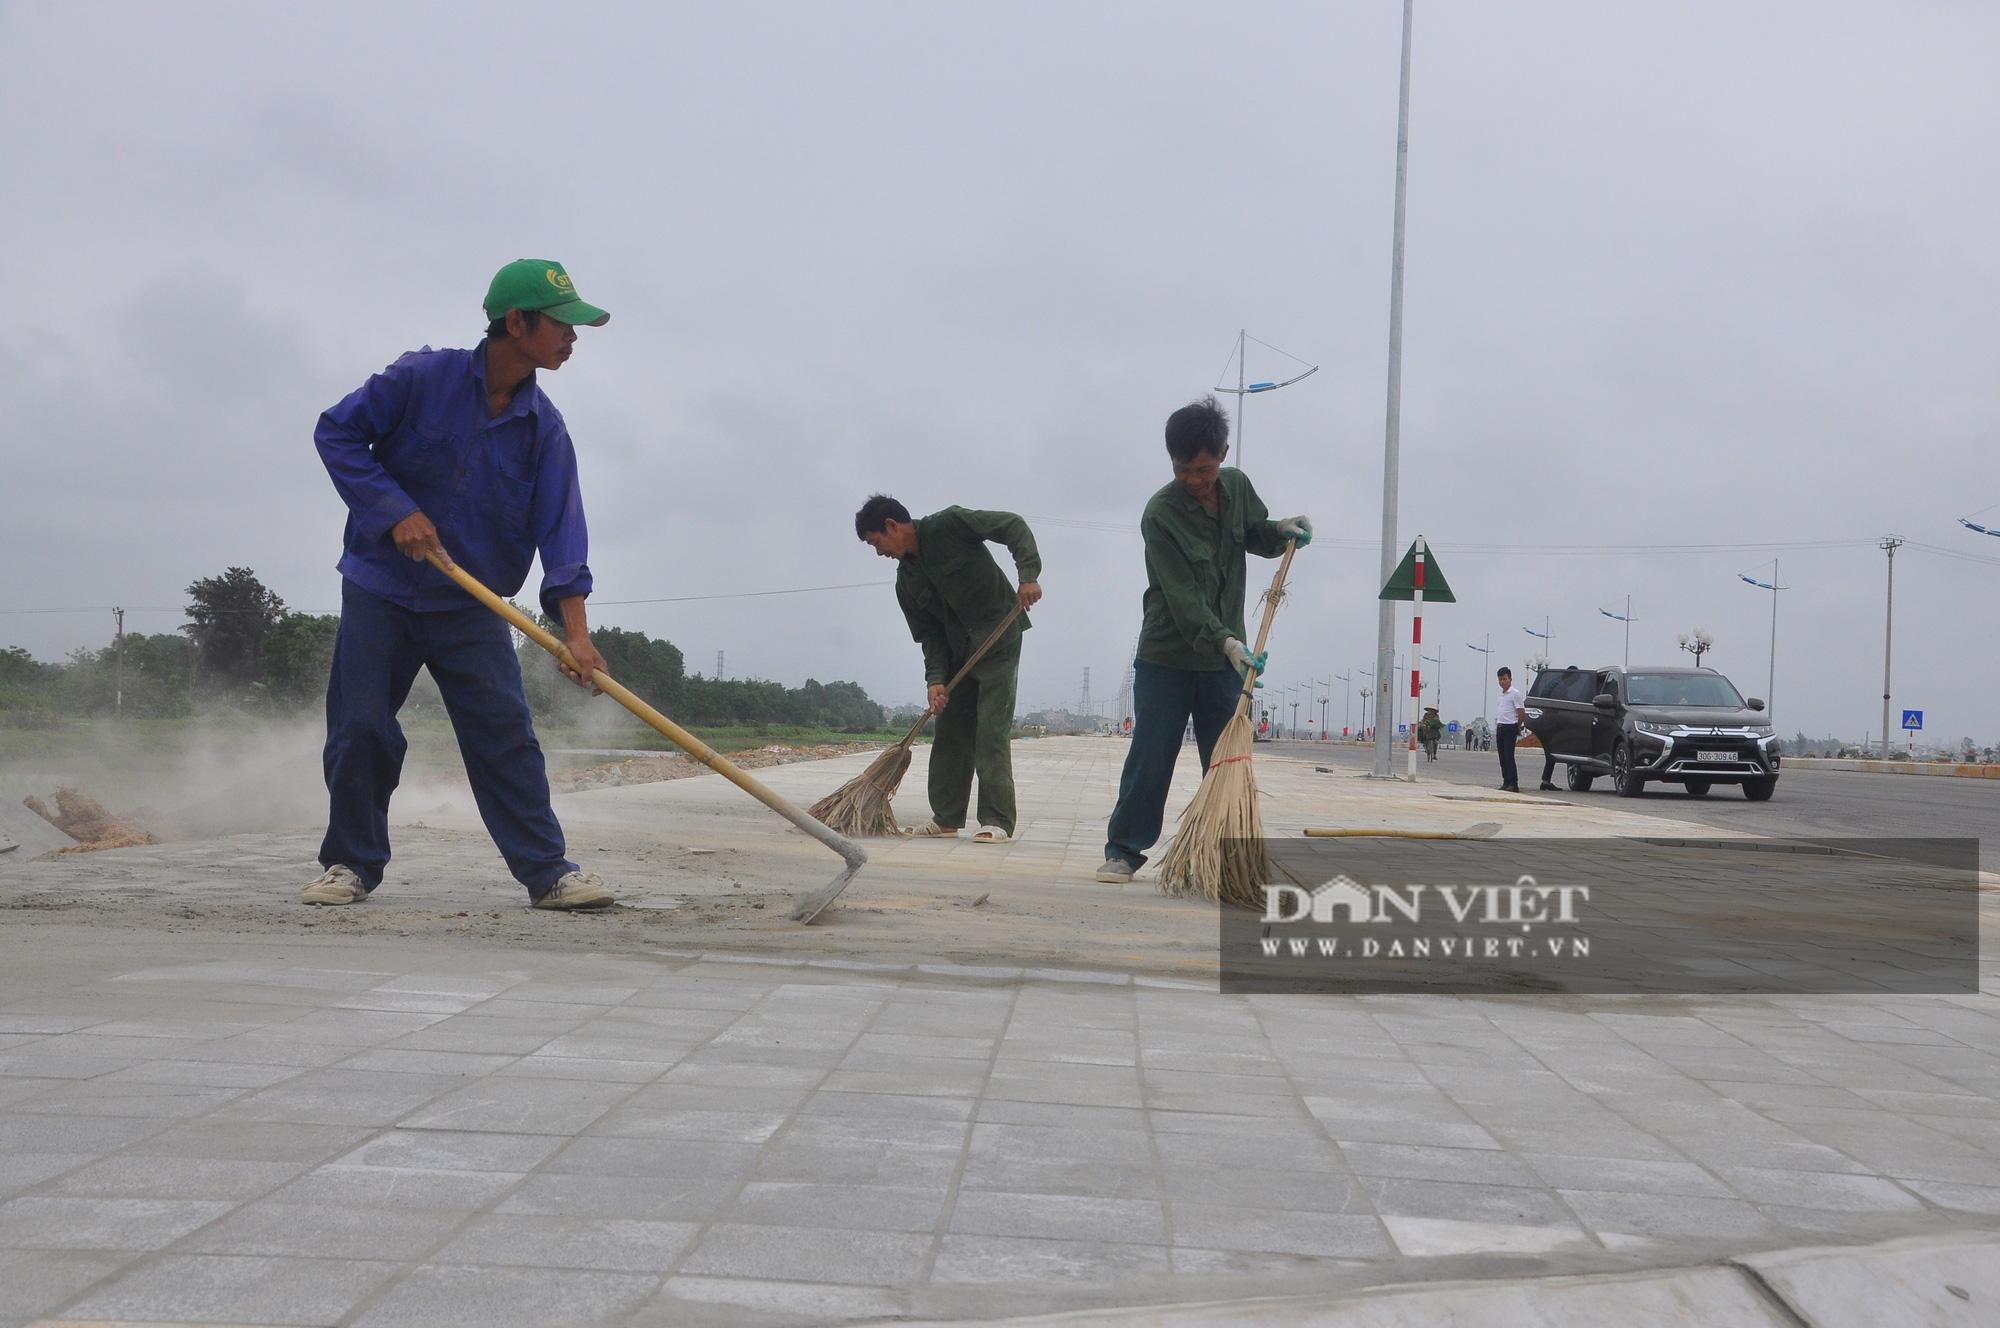 Cận cảnh dự án đường ven biển Nghi Sơn - Sầm Sơn có tổng mức đầu tư hơn 1.479 tỷ đồng trước ngày thông tuyến - Ảnh 2.